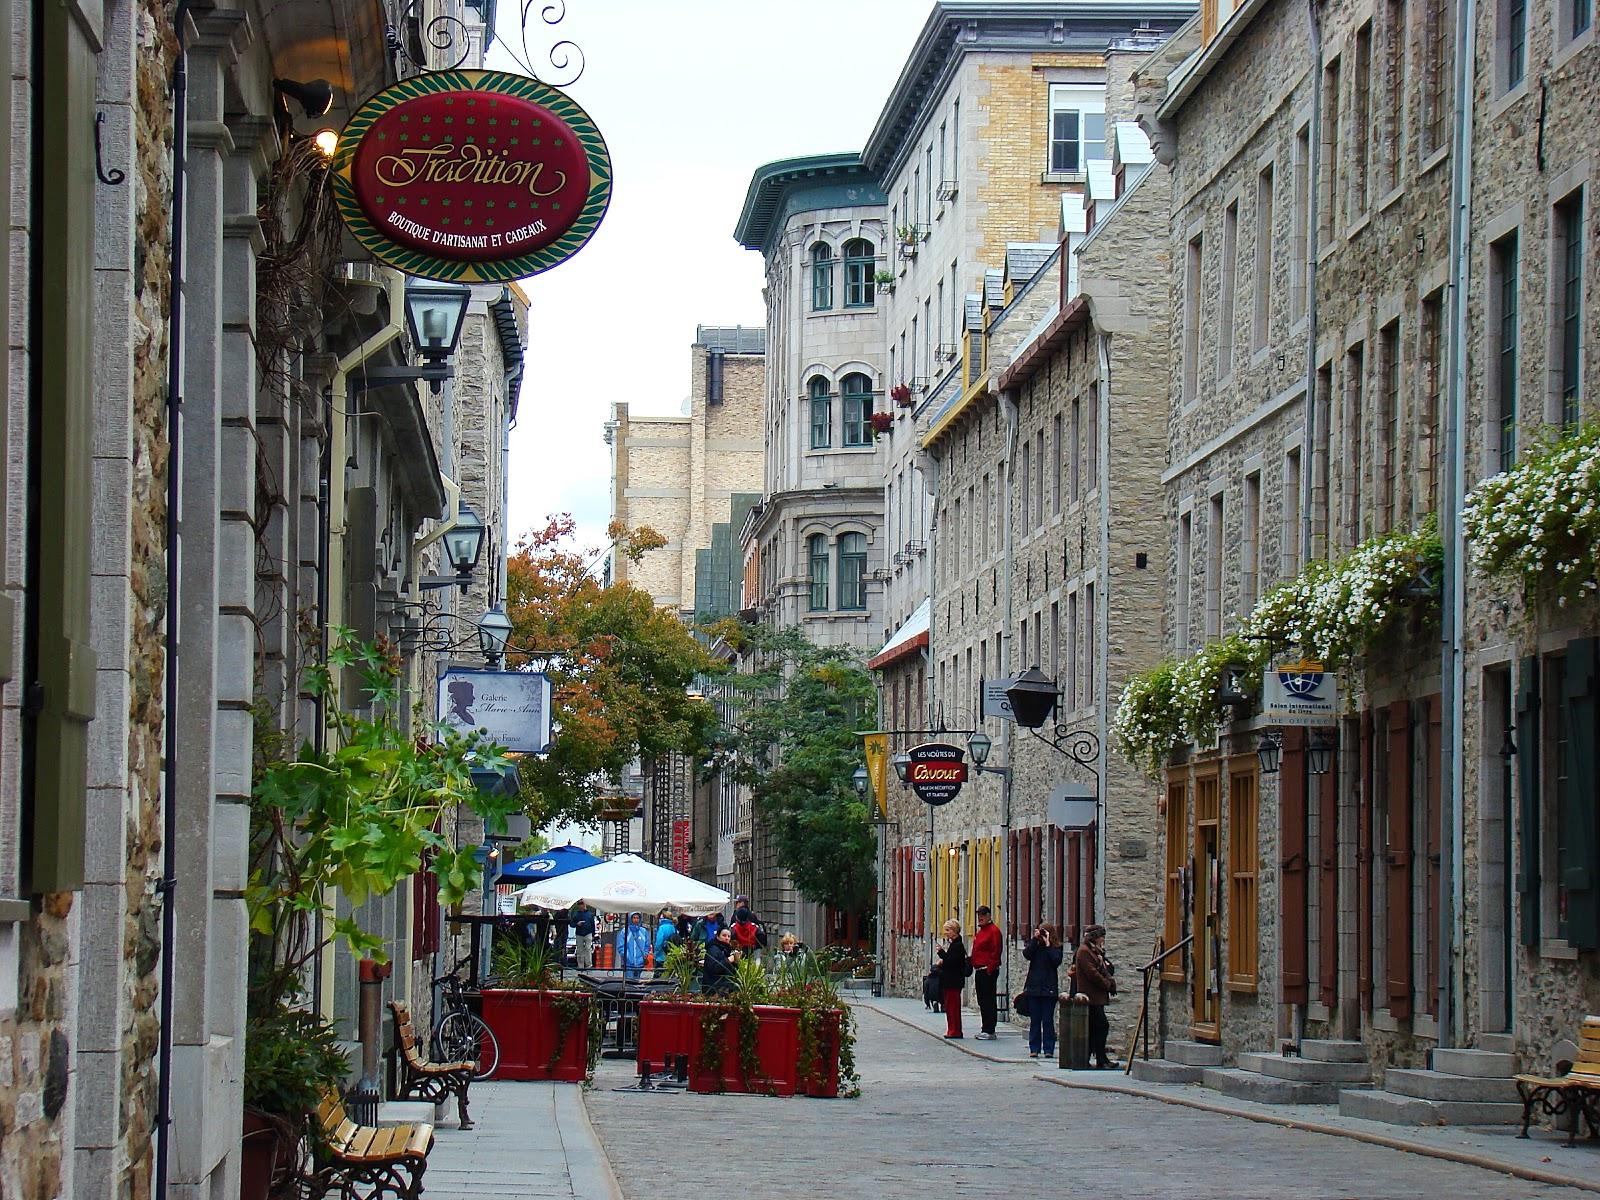 Исторический центр города имитирует Европу намного успешней, чем Монреаль или Виктория